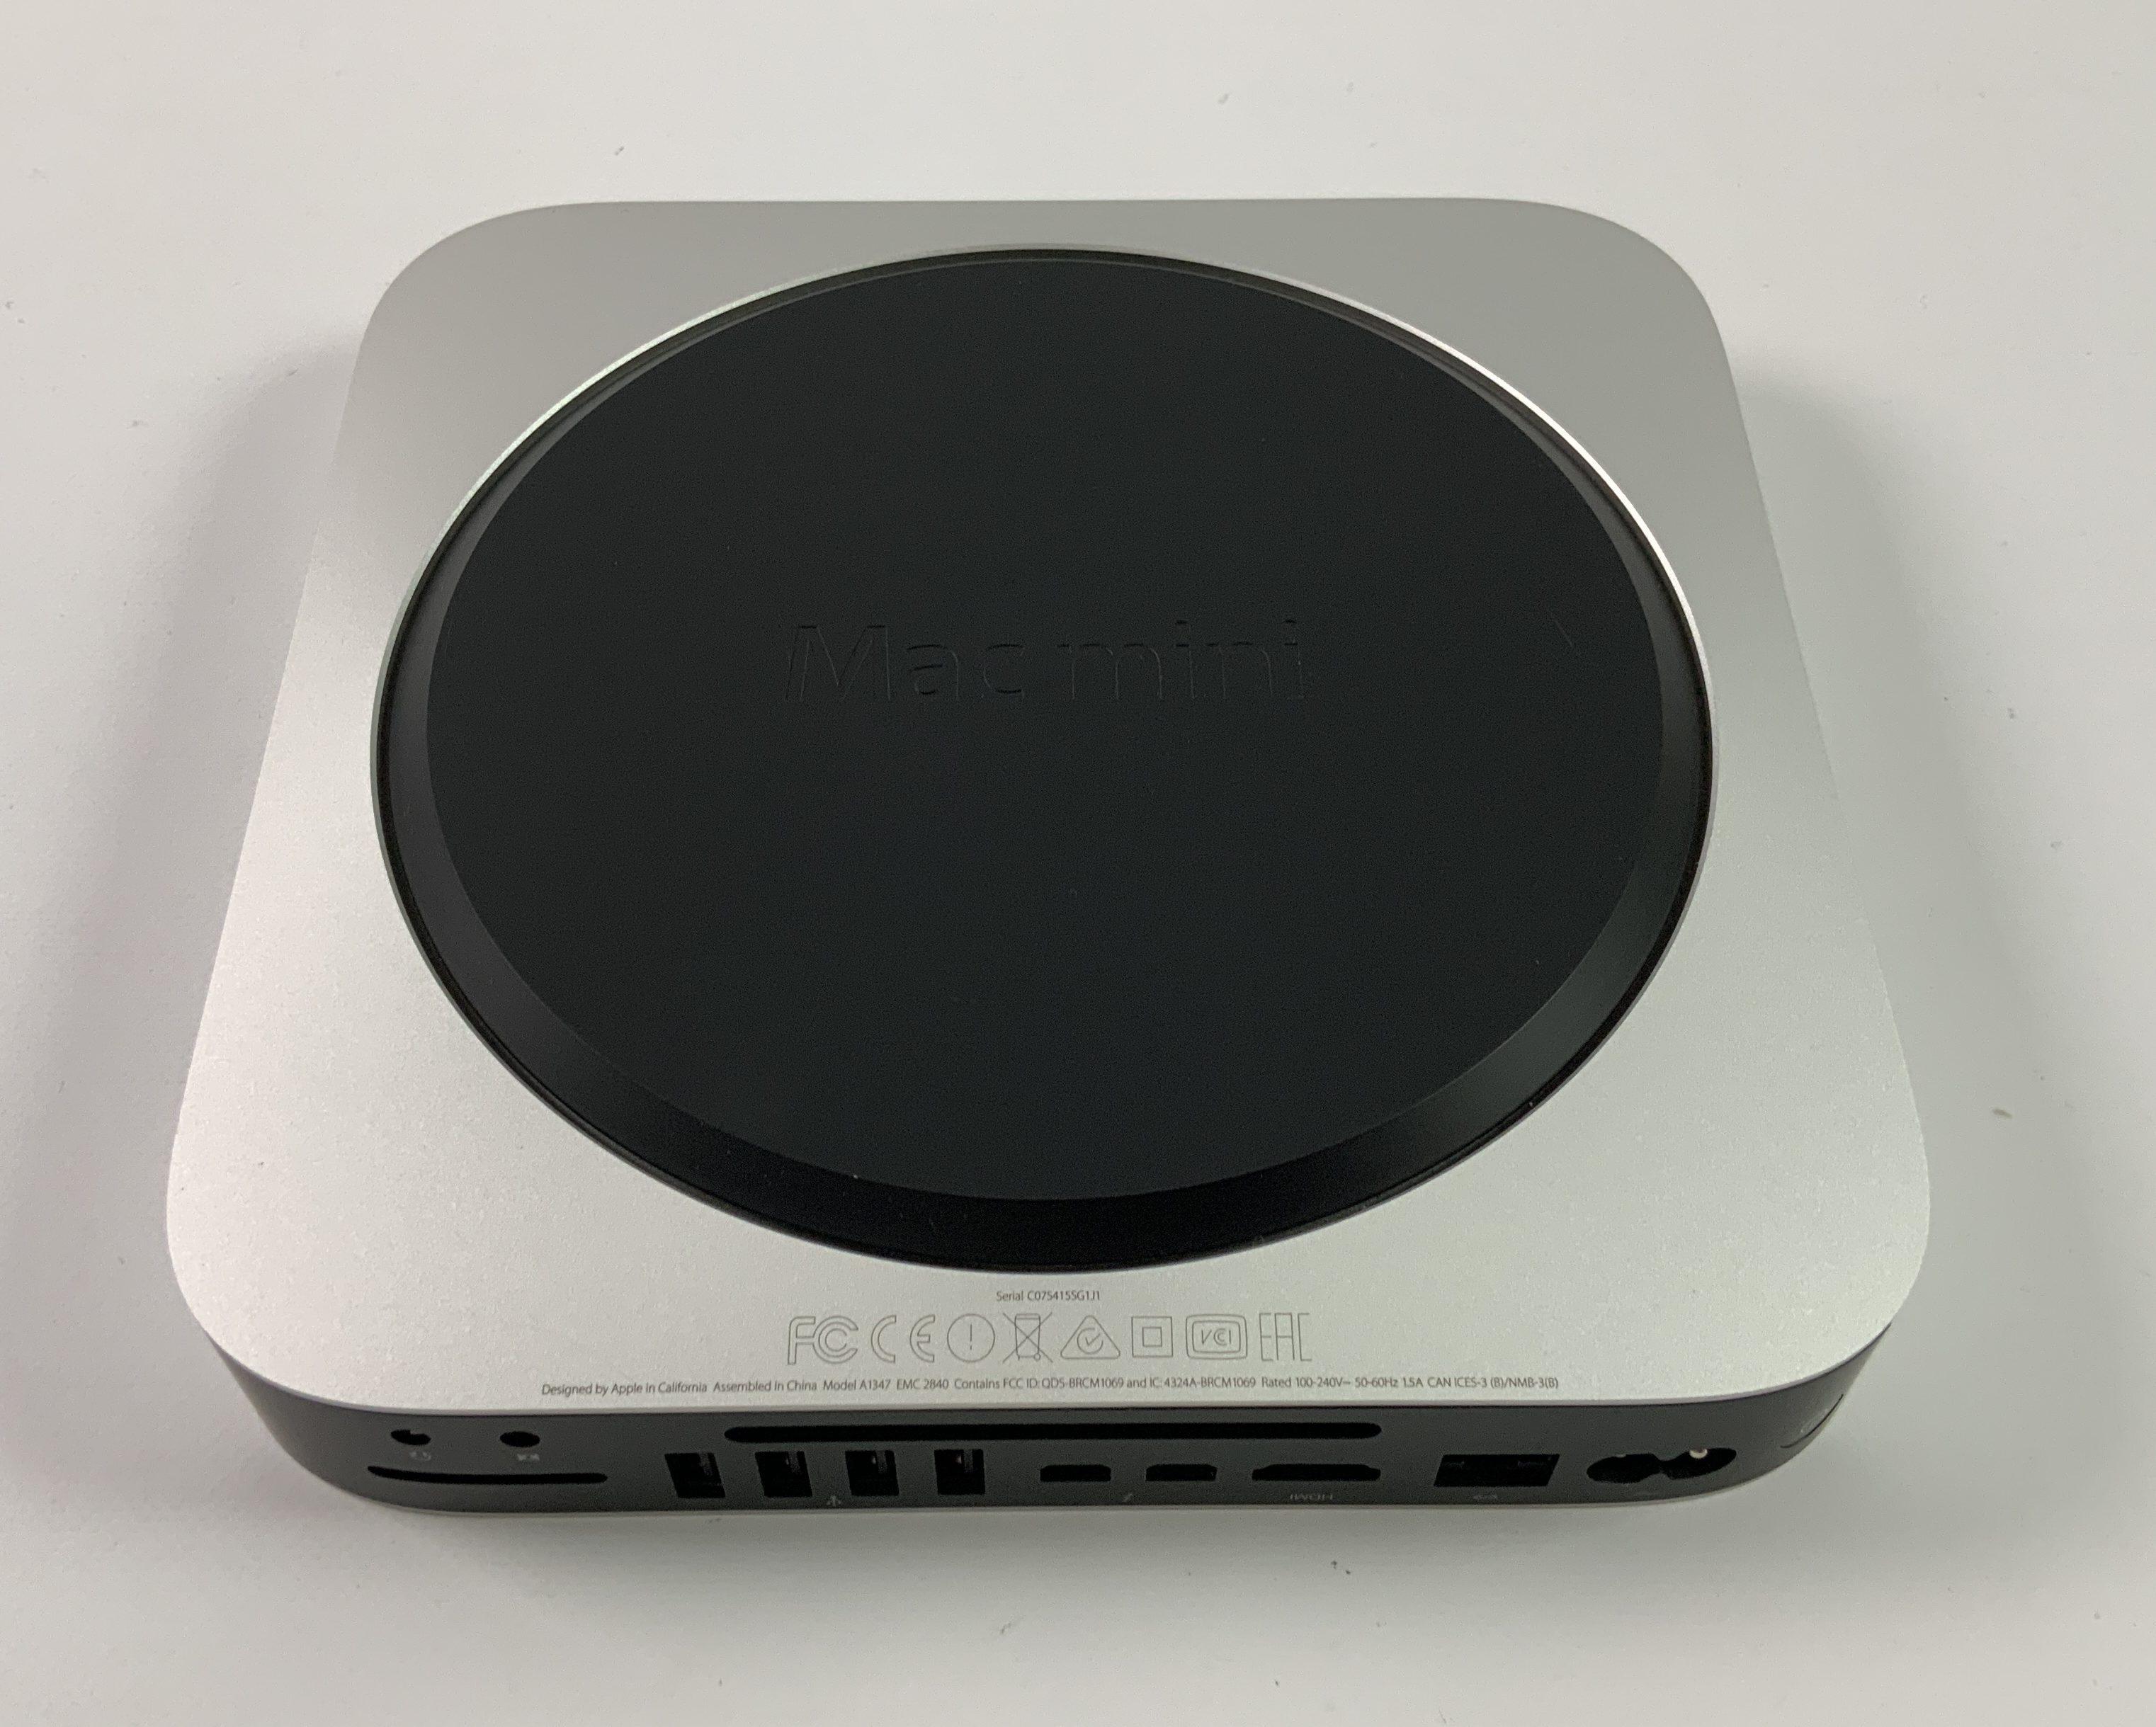 Mac Mini Late 2014 (Intel Core i5 2.6 GHz 16 GB RAM 256 GB SSD), Intel Core i5 2.6 GHz, 16 GB RAM, 256 GB SSD, imagen 2